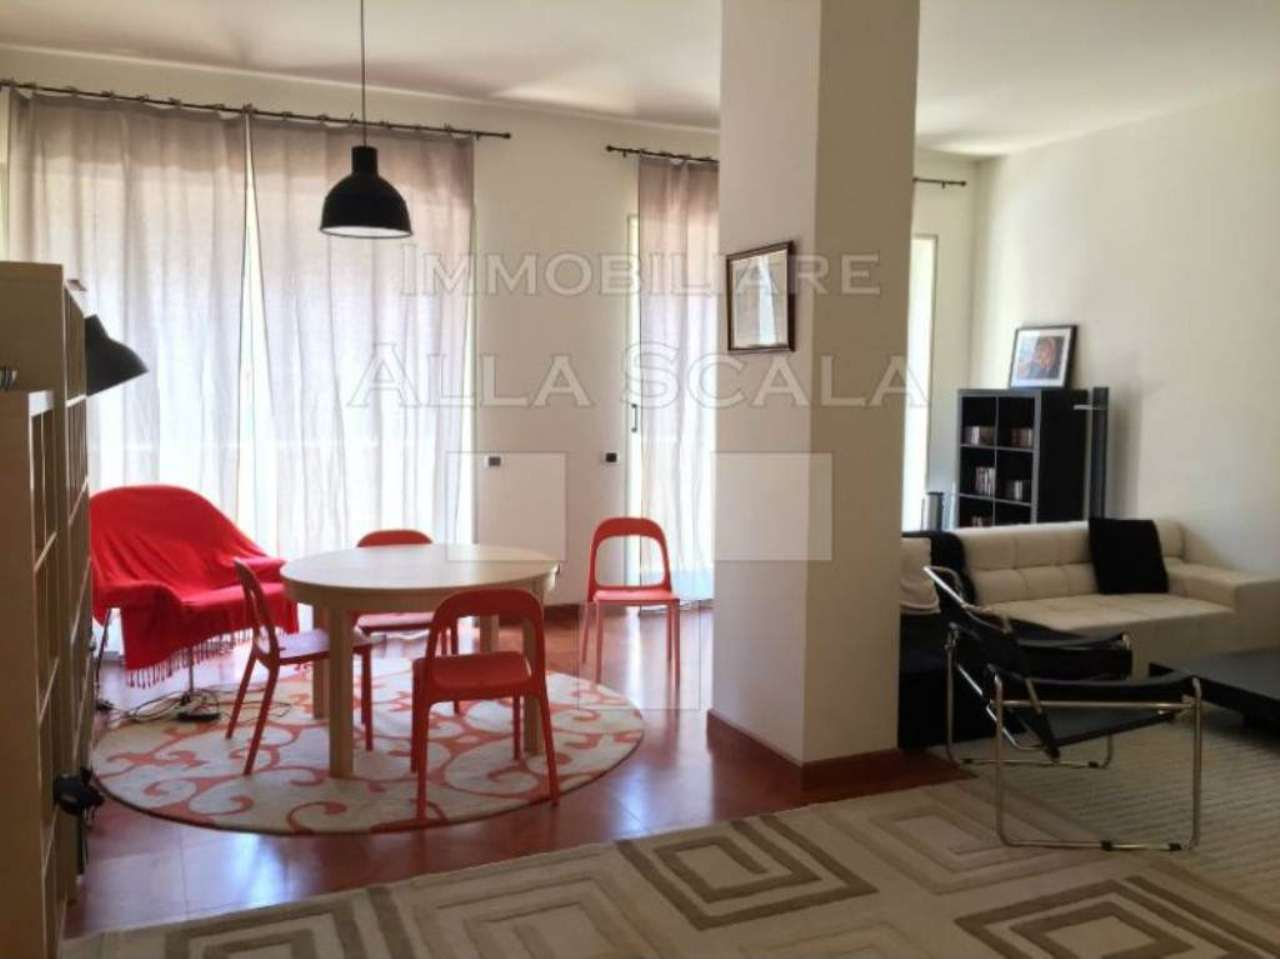 Appartamento in affitto a Milano, 3 locali, zona Zona: 1 . Centro Storico, Duomo, Brera, Cadorna, Cattolica, prezzo € 3.500 | CambioCasa.it